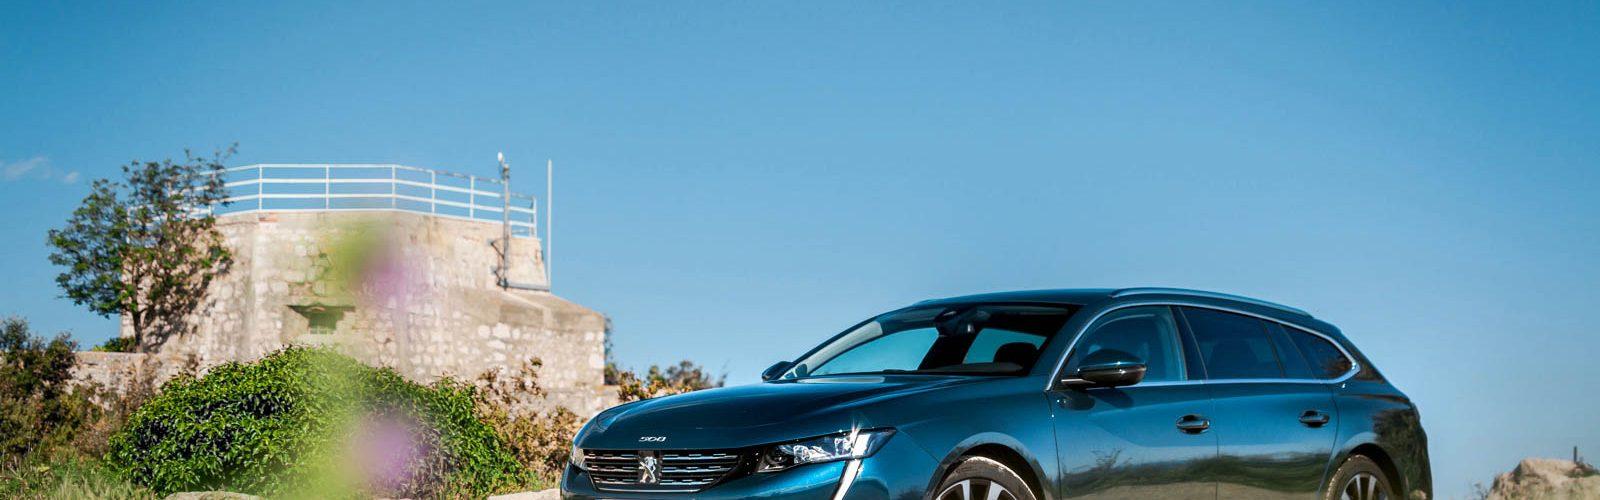 LNA 1905 Peugeot 508 SW Allure BlueHDI 130 Tete de Chien 15